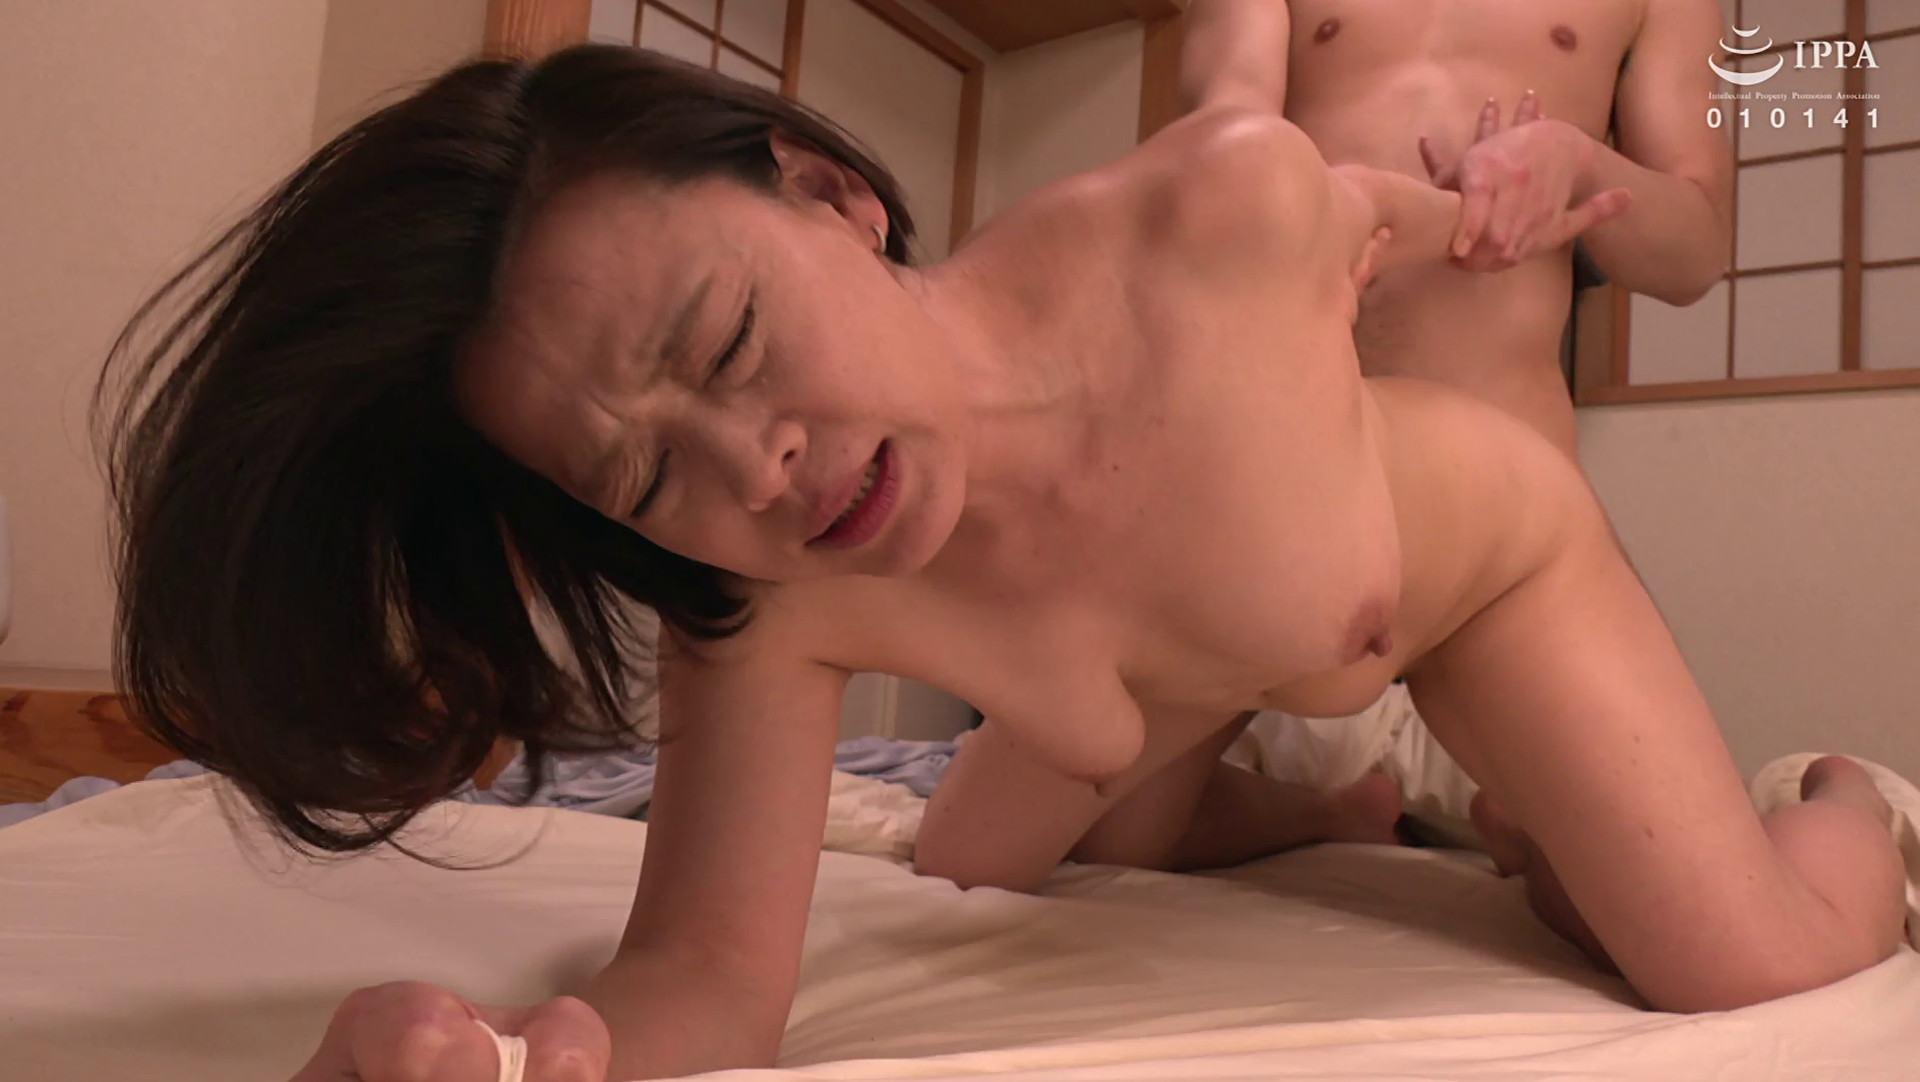 美しい姑となった熟女AV女優・真矢織江さんが後背位で娘の夫とエッチしている画像